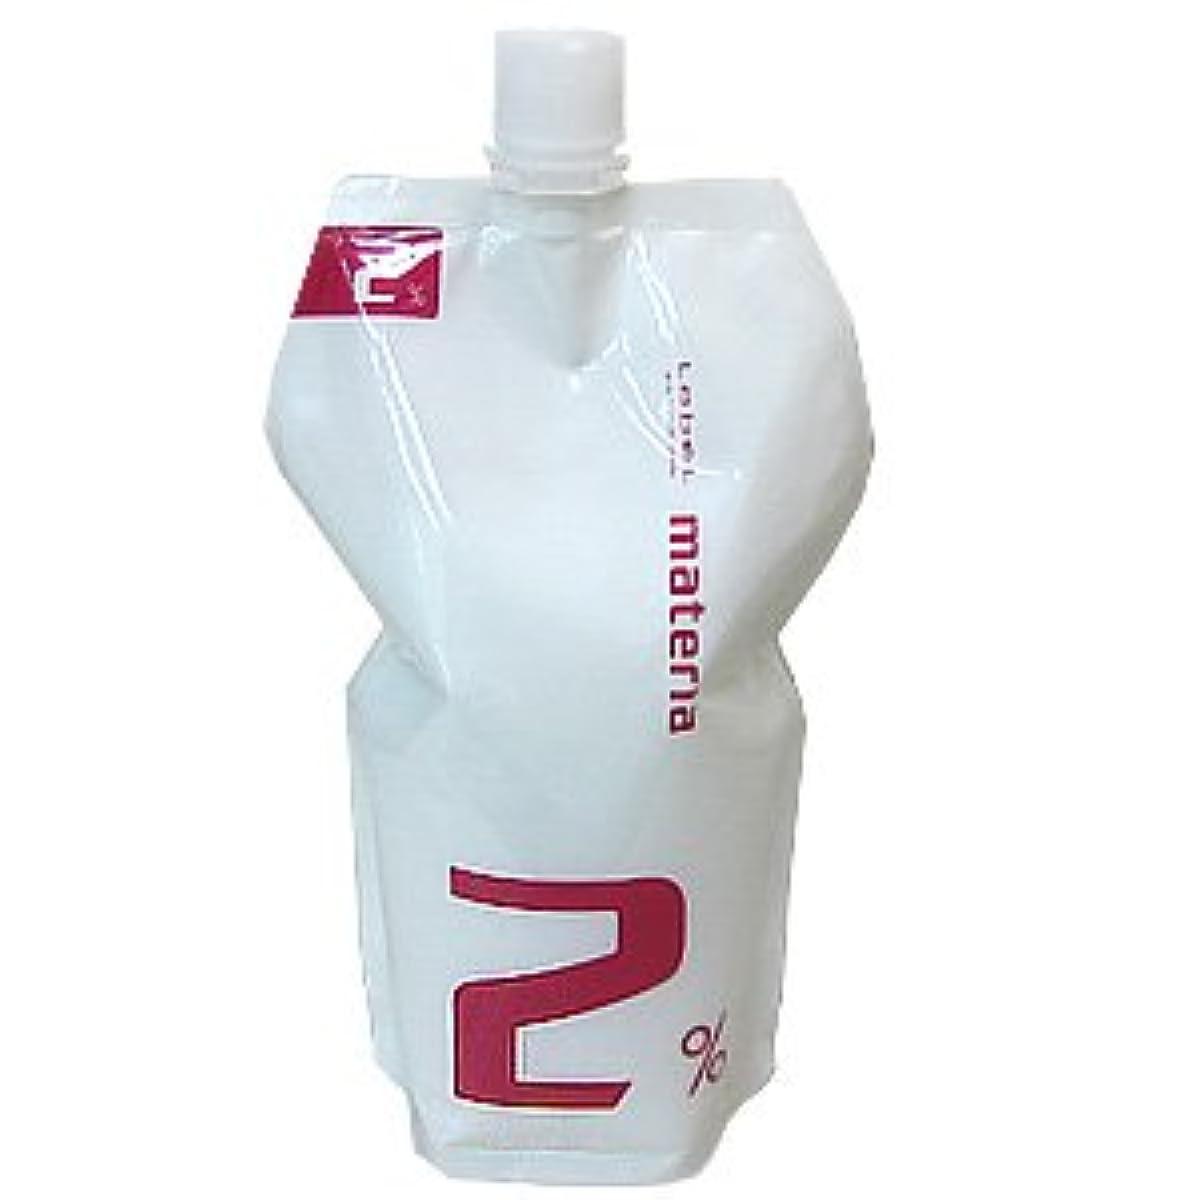 魂協力的ボウリングルベル マテリア オキシ 1000ml (マテリアシリーズ 共通ヘアカラー2剤) 2%